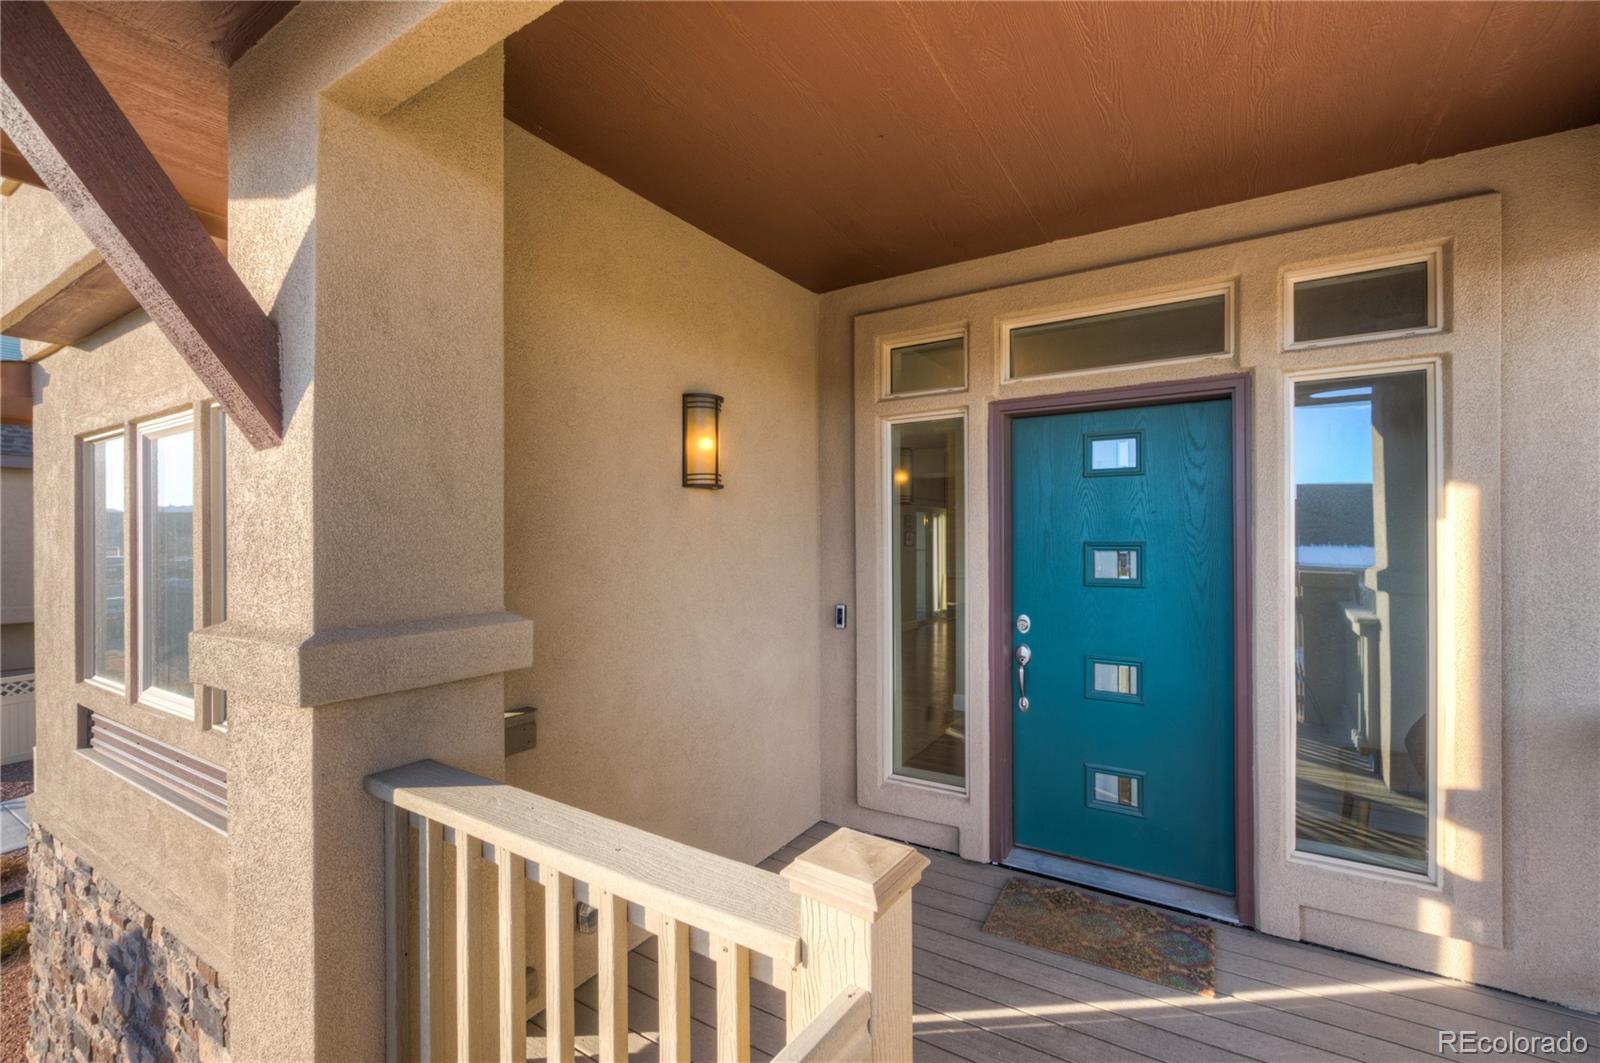 MLS# 9892836 - 2 - 6372 Cubbage Drive, Colorado Springs, CO 80924